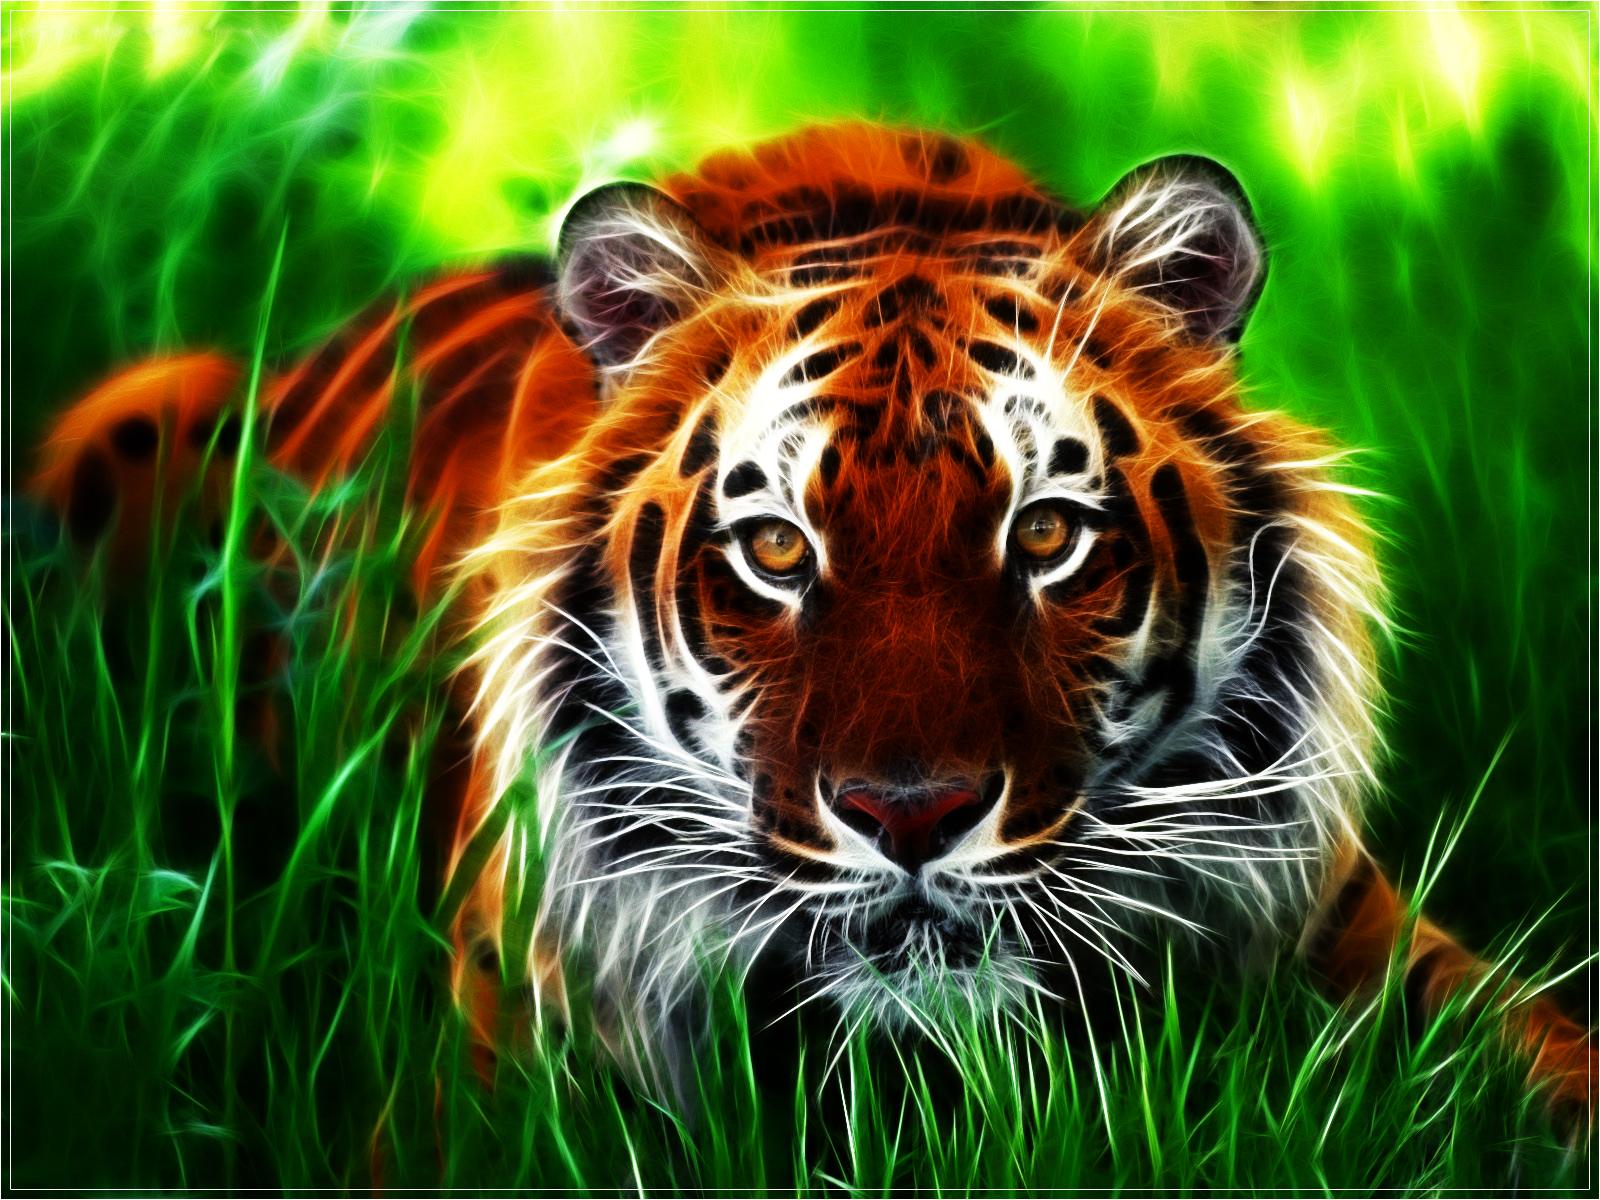 http://fc00.deviantart.net/fs70/f/2009/357/c/1/Fractal_Tiger_Wallpaper_by_PimArt.jpg